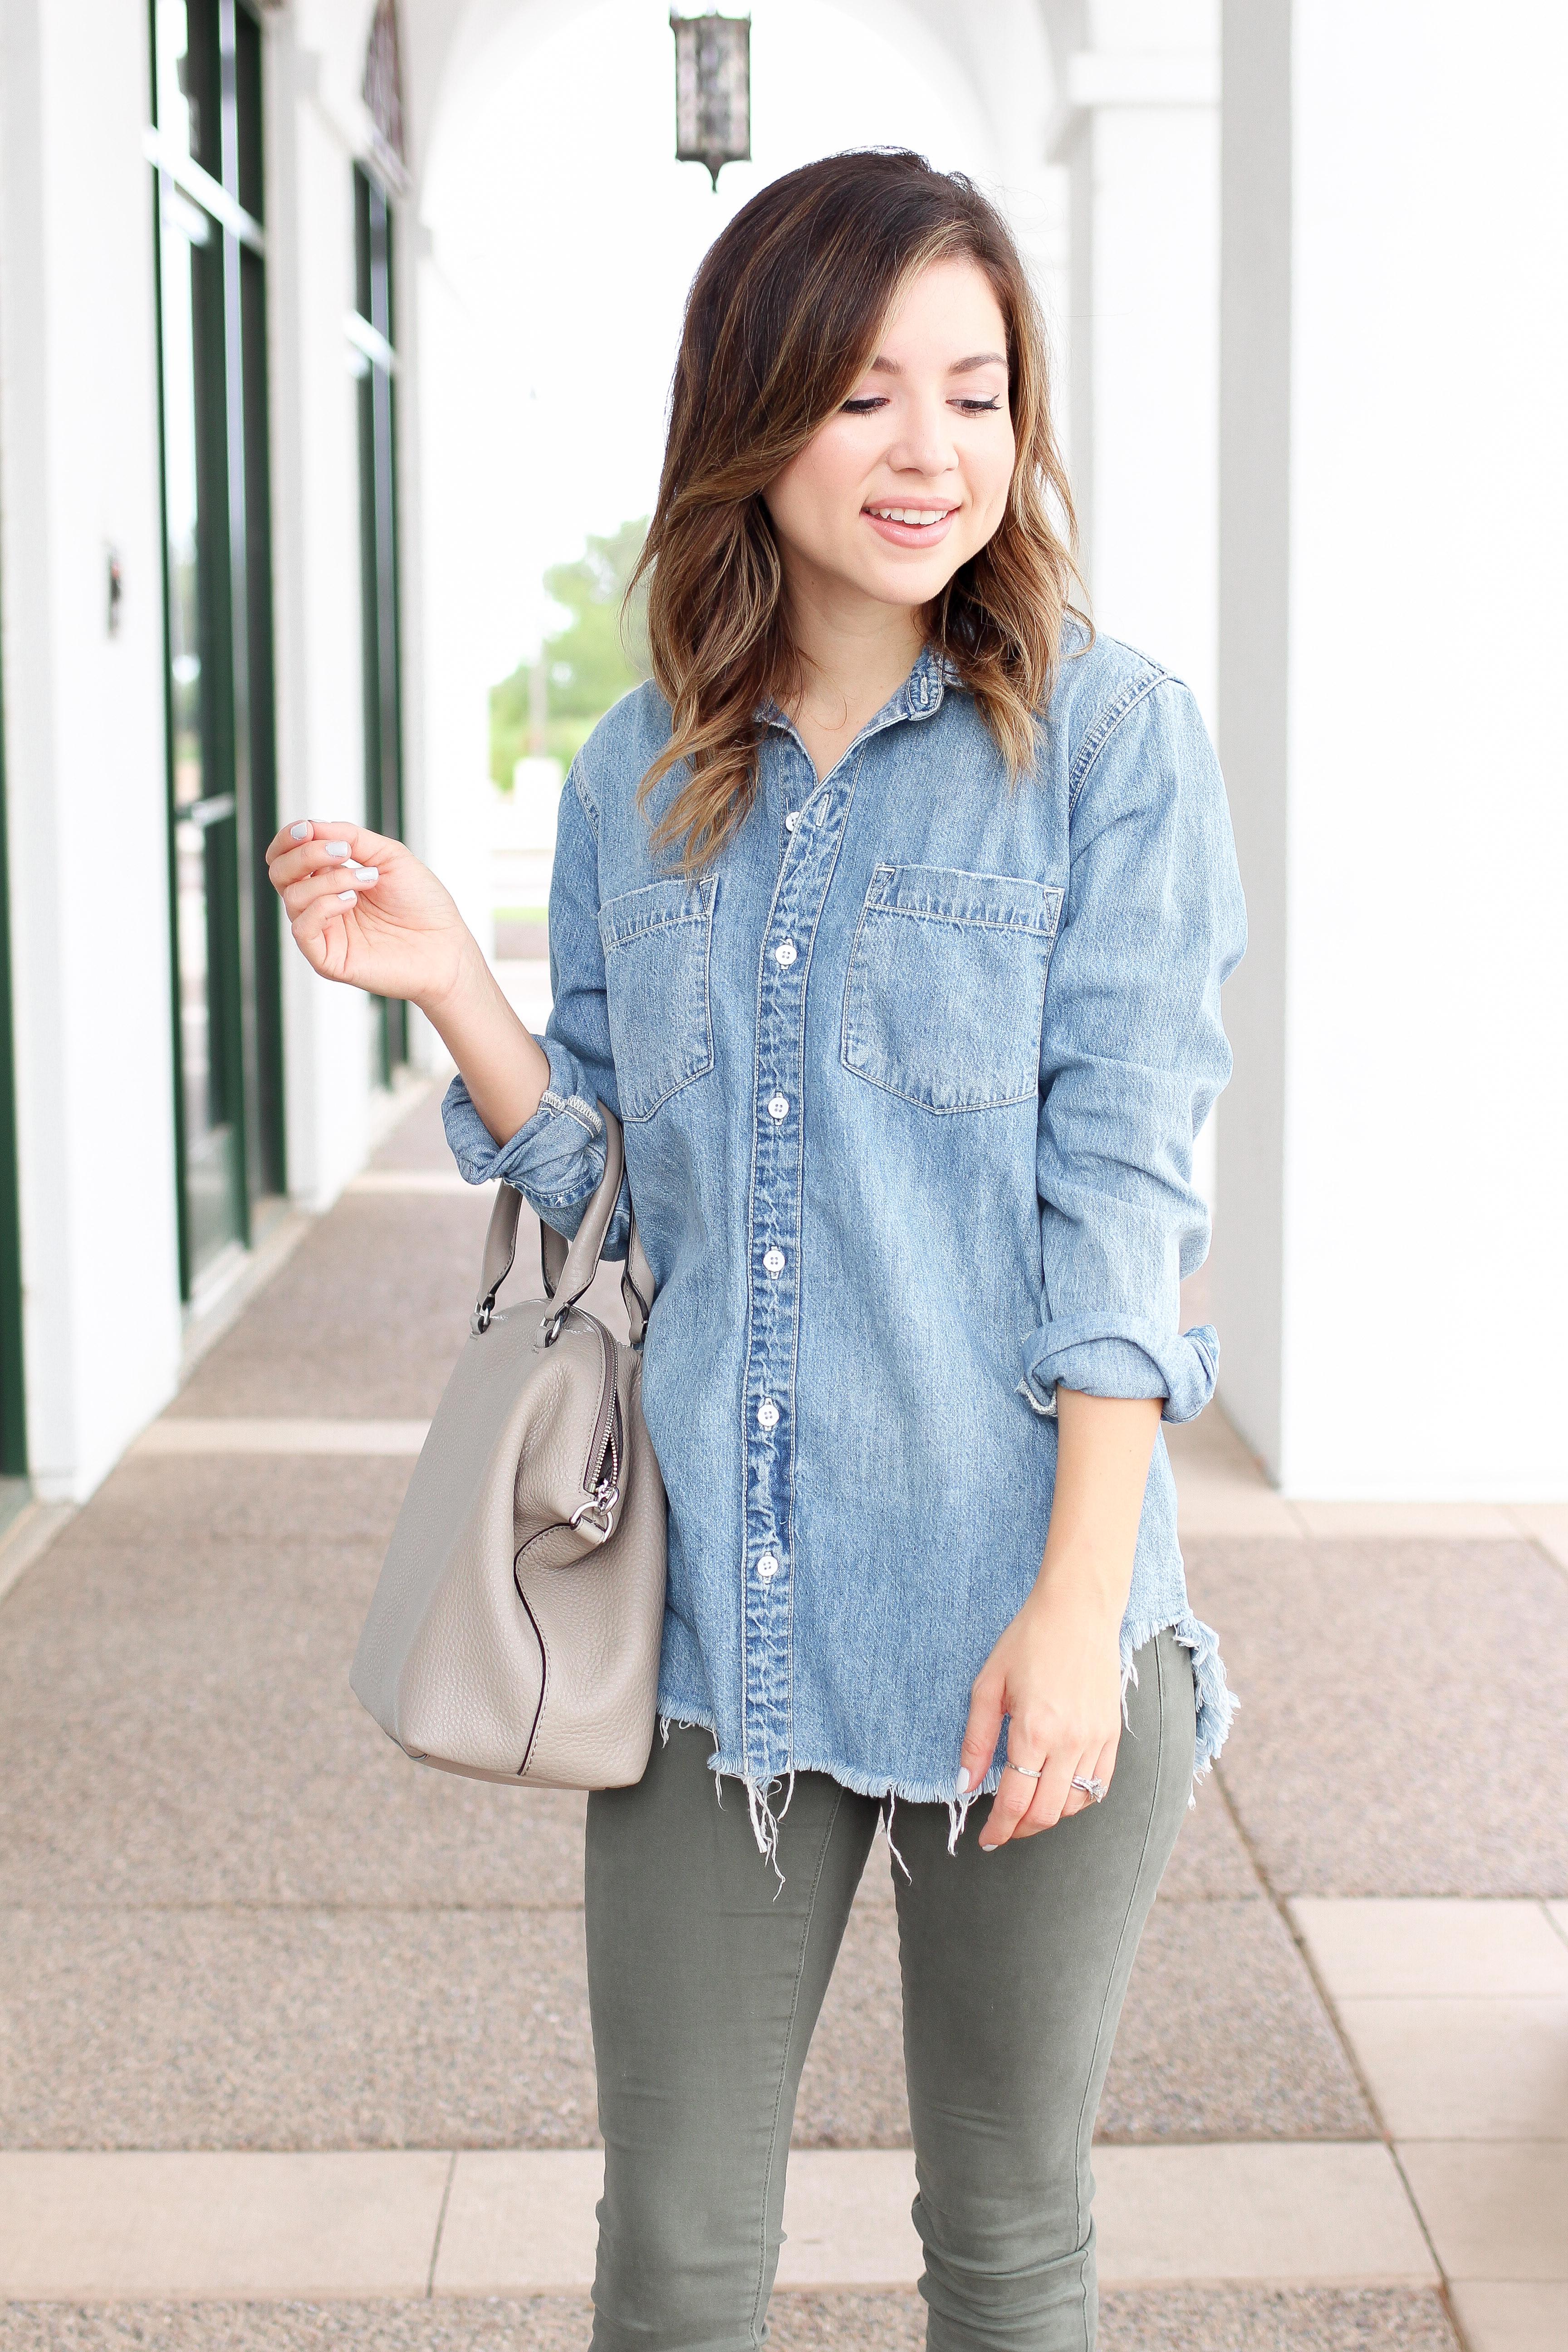 Simply Sutter - denim shirt - best fall outfits - 5 denim shirts - denim shirt outfit